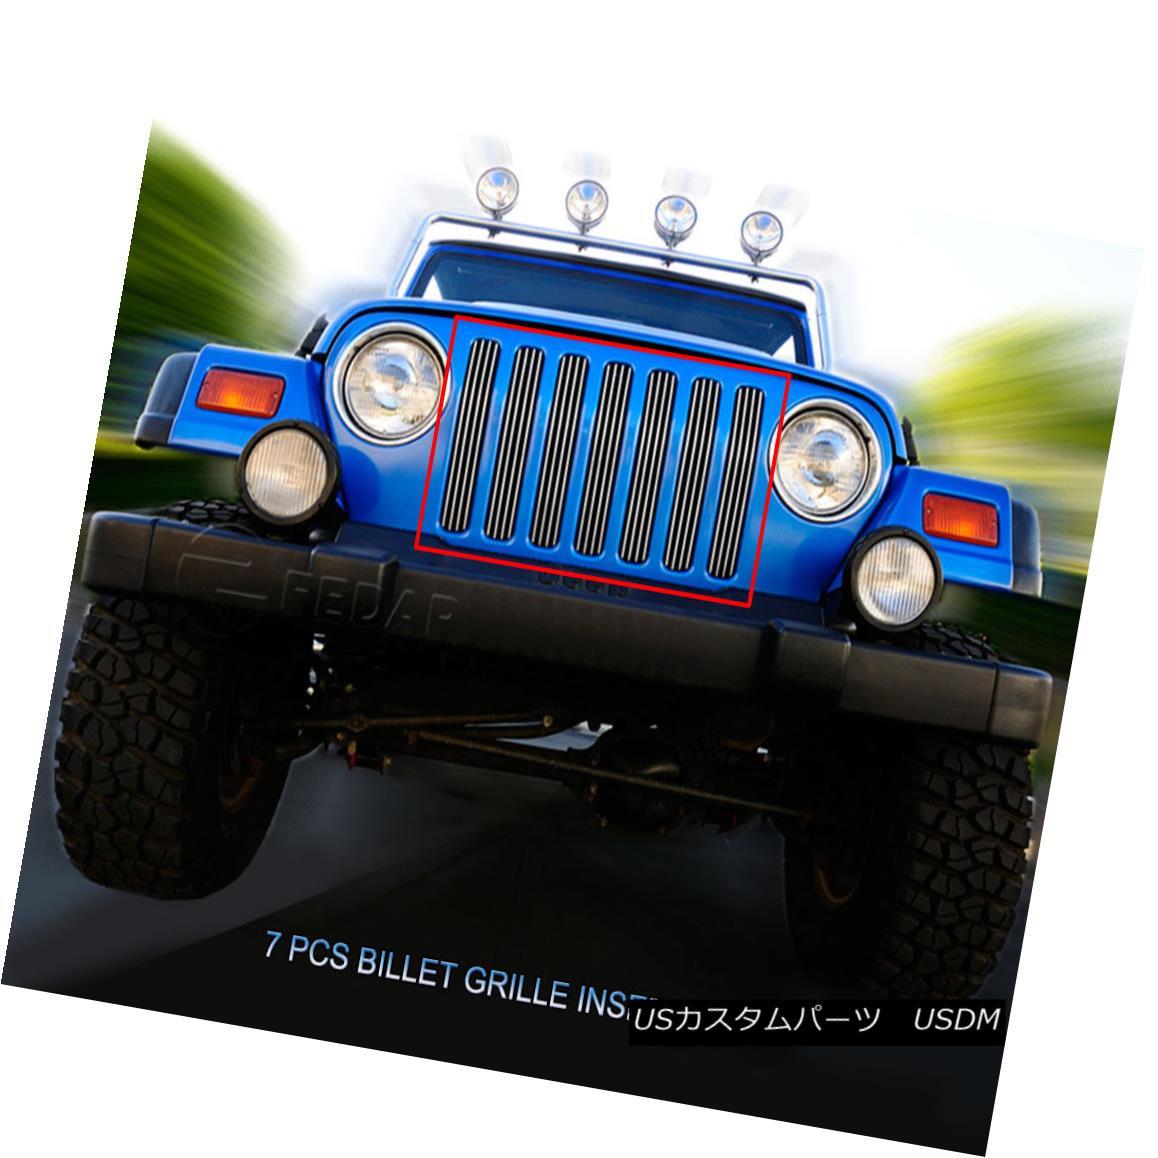 グリル Fits 1997-2006 Jeep Wrangler Billet Grille Main Upper Grill Insert Fedar フィット1997-2006ジープラングラービレットグリルメインアッパーグリルインサートFedar